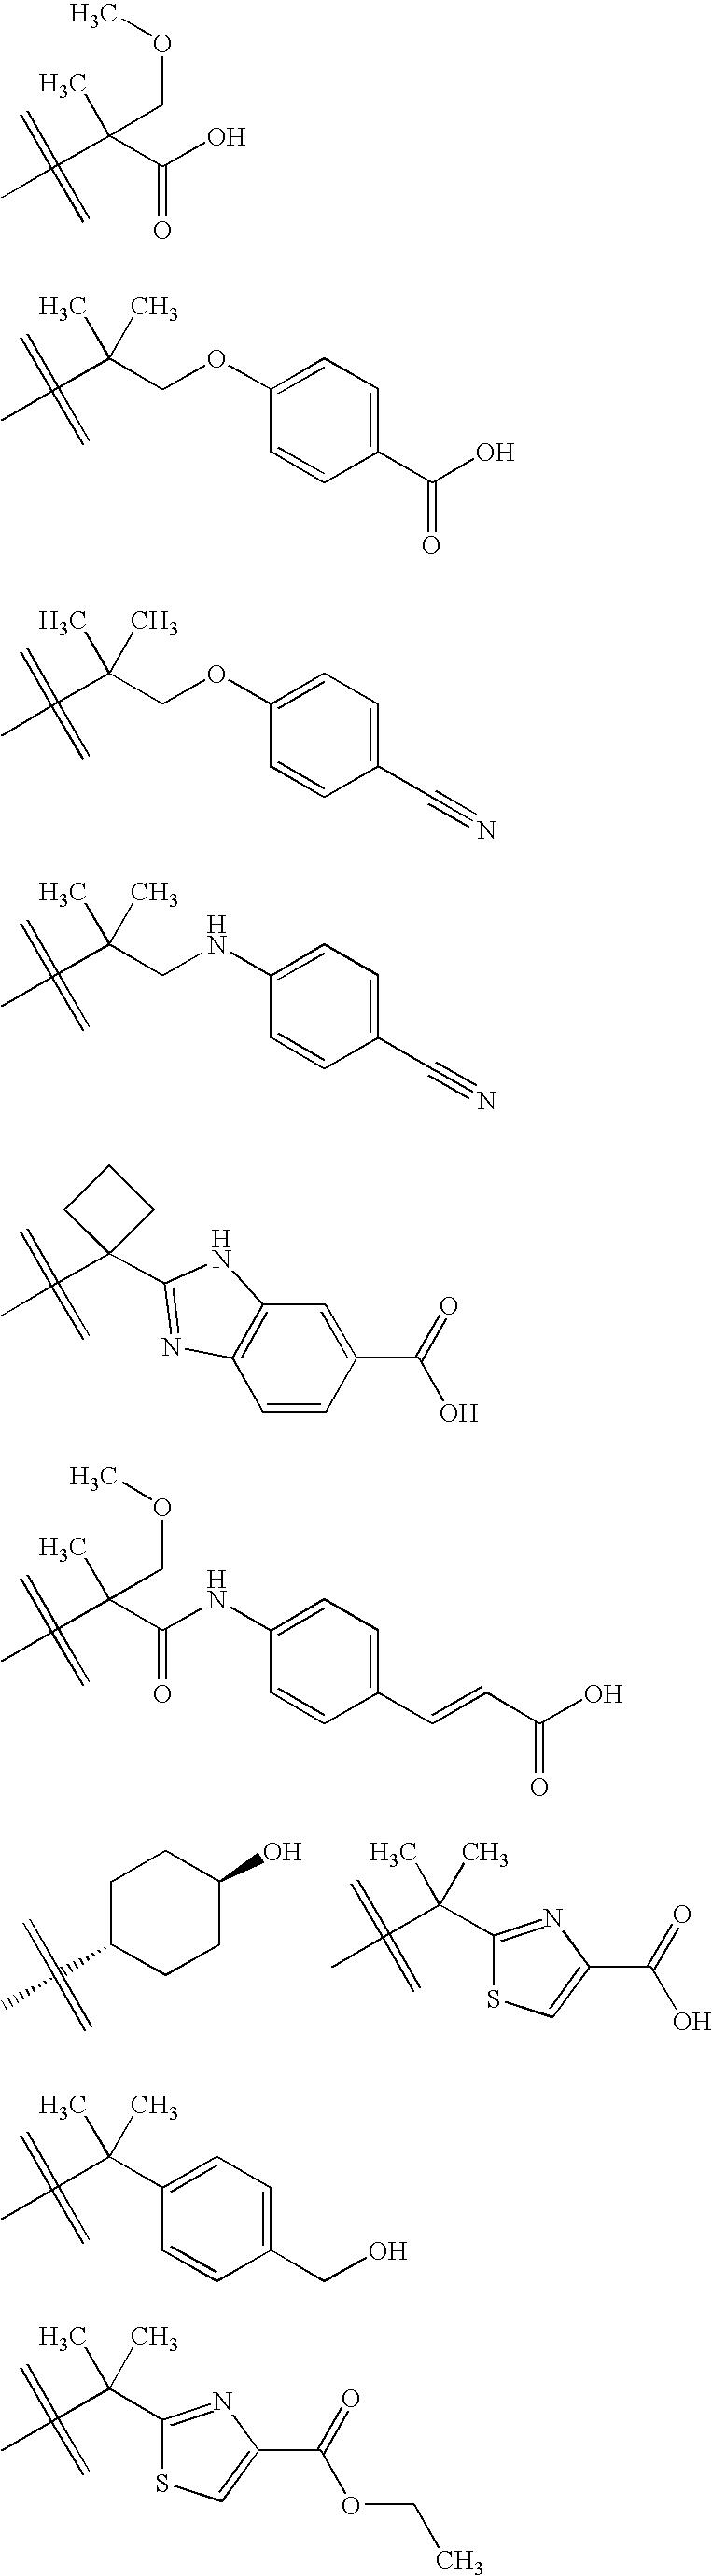 Figure US20070049593A1-20070301-C00172